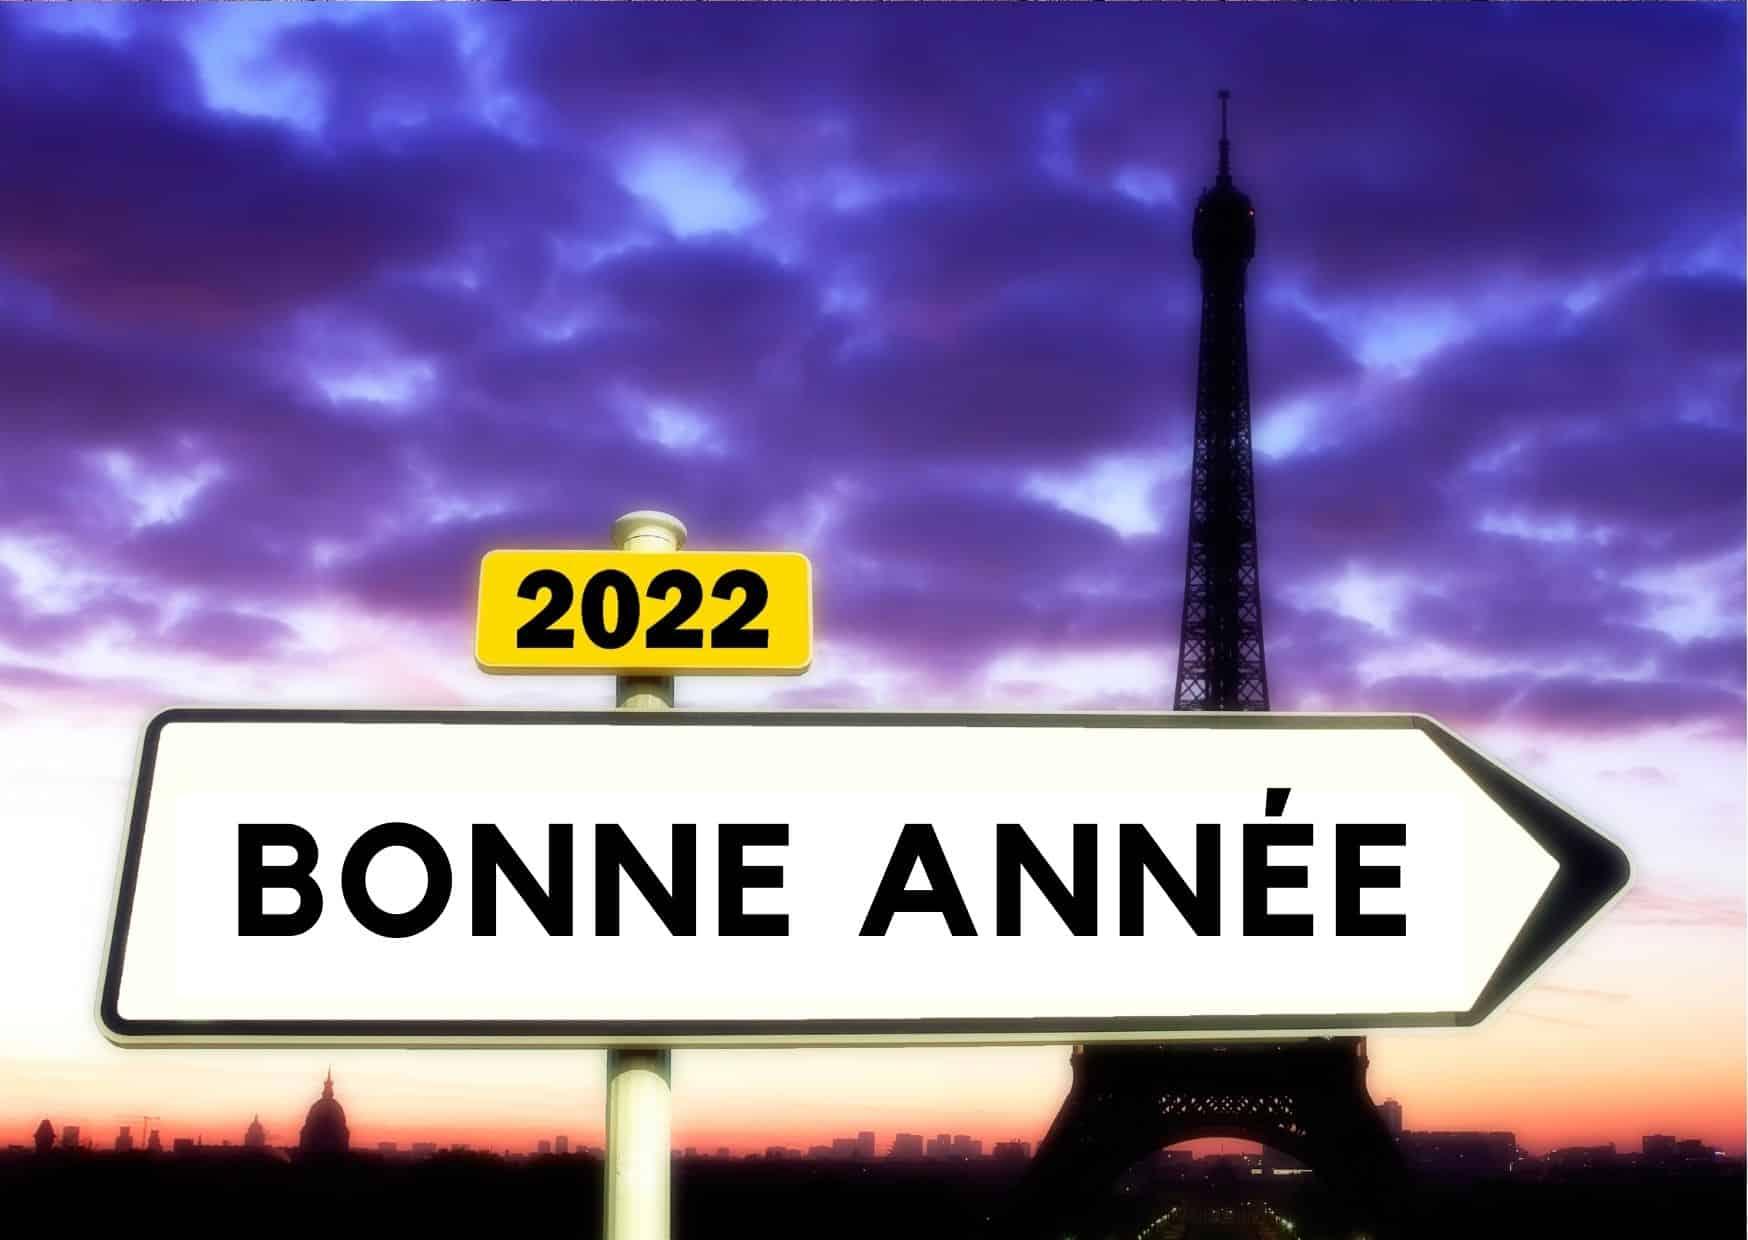 image bonne année 2022